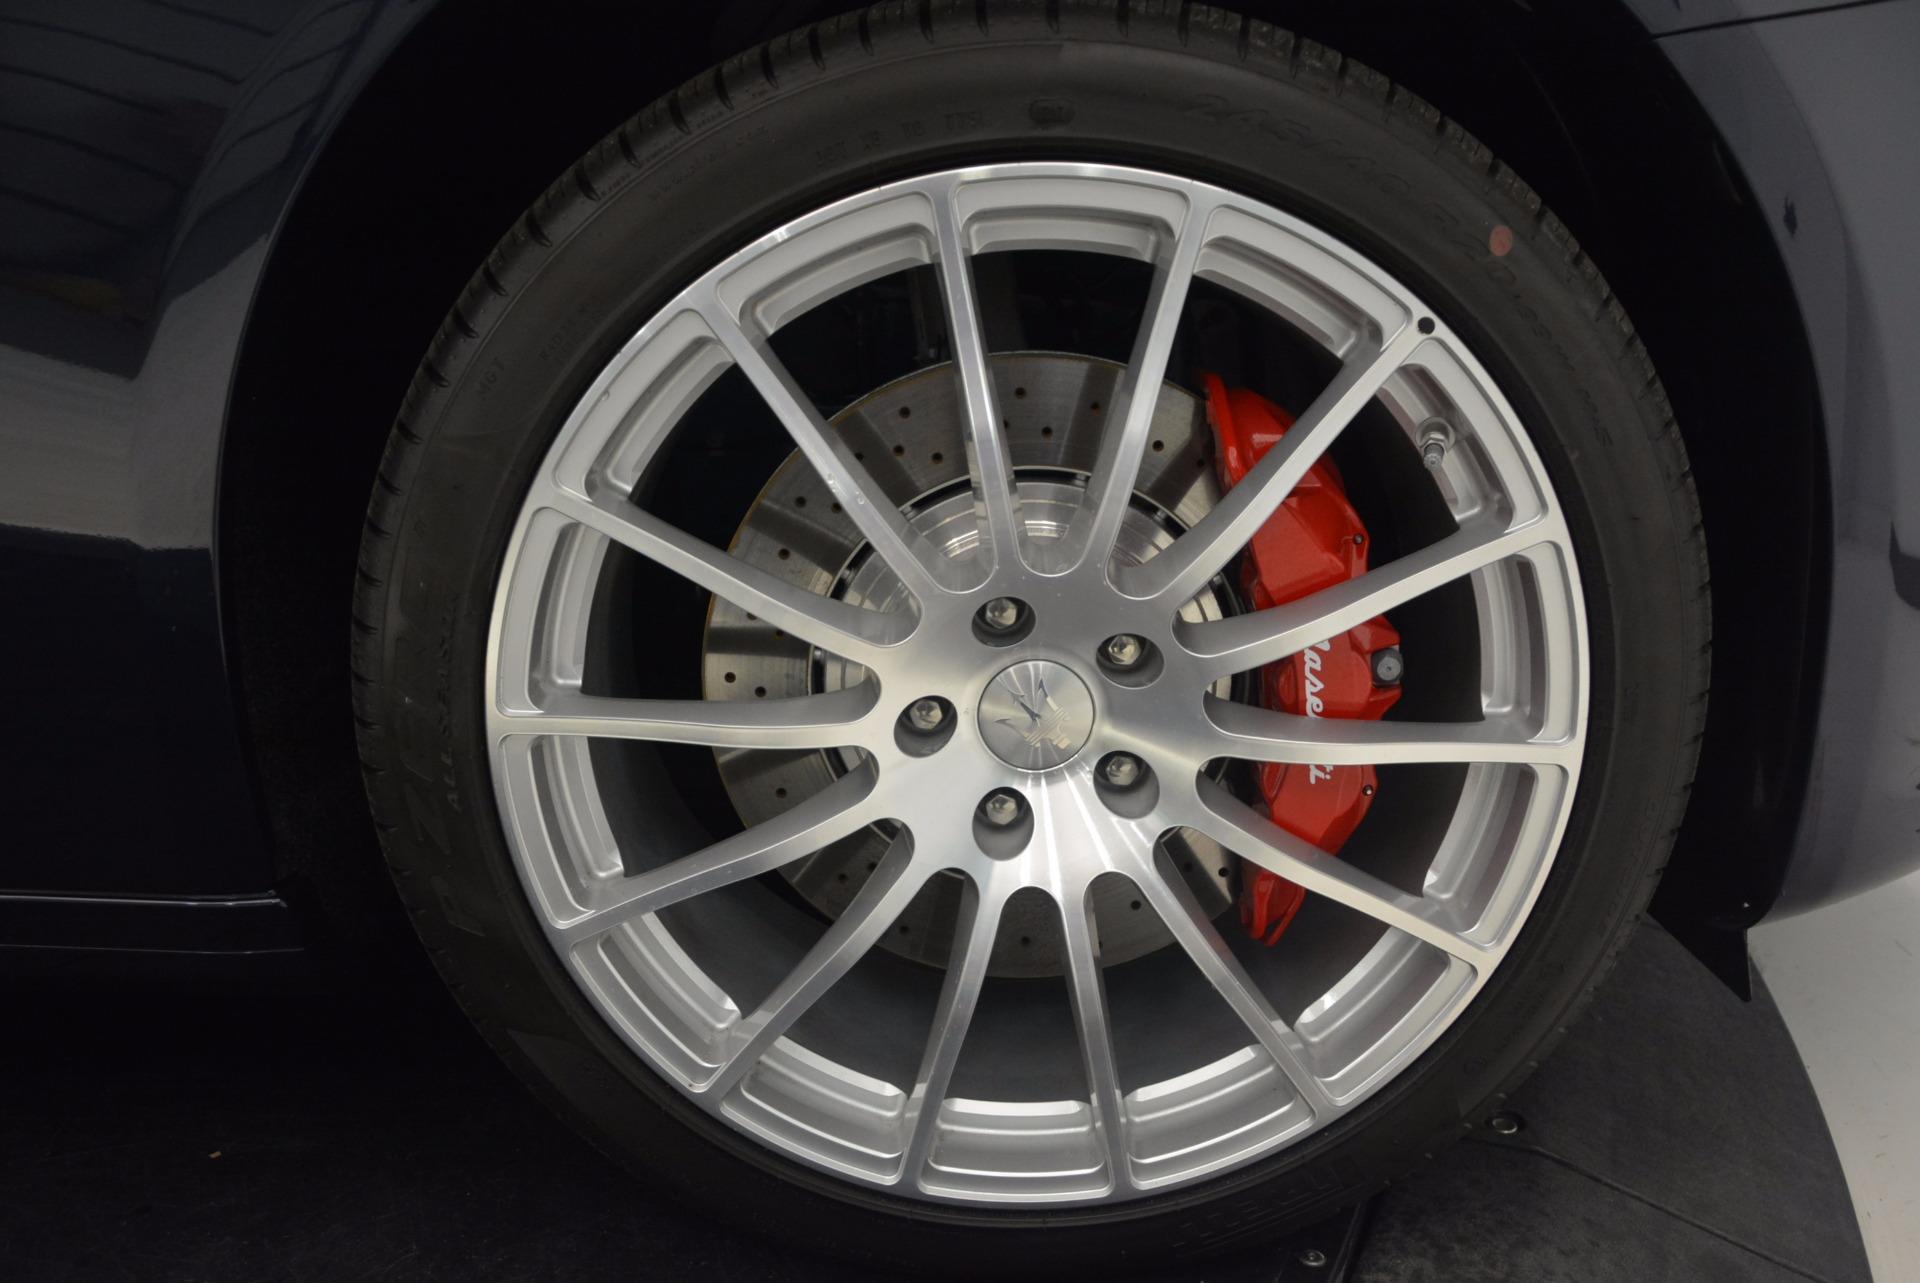 Used 2018 Maserati Quattroporte S Q4 GranLusso For Sale In Greenwich, CT 1572_p25